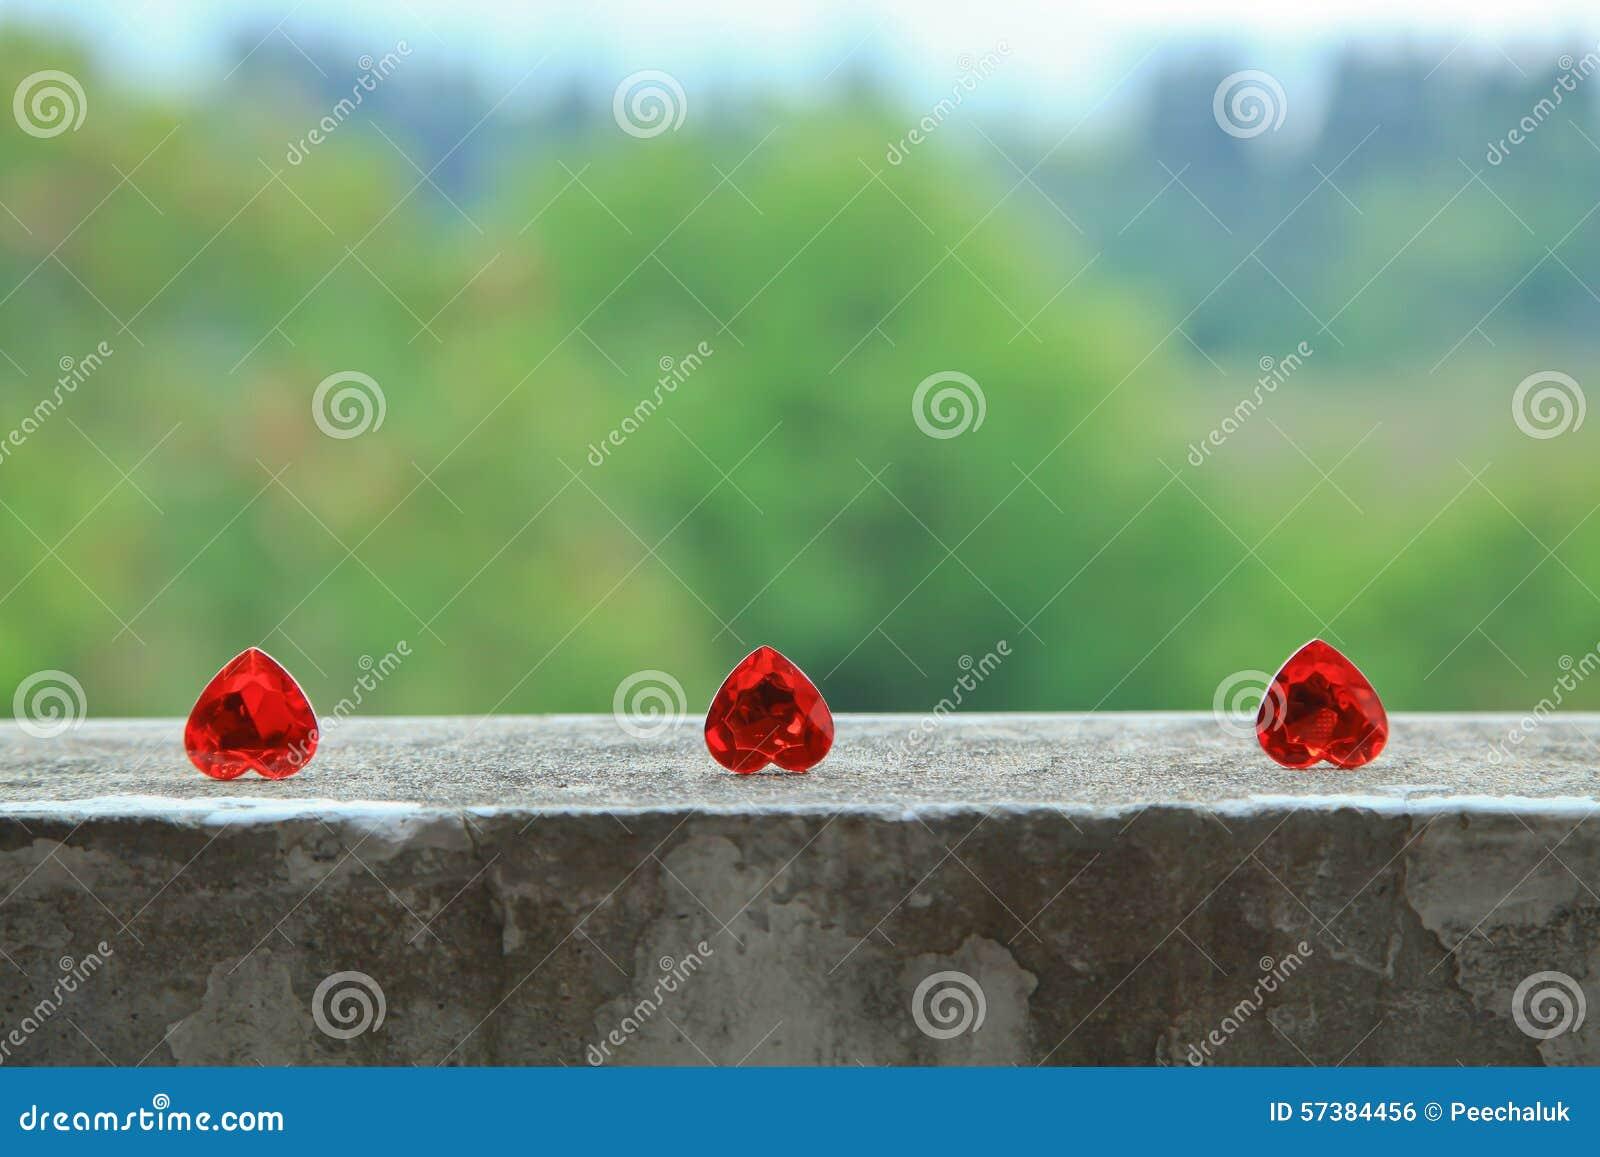 3 harten op het cement floorhearts op de cementvloer de groene achtergrond